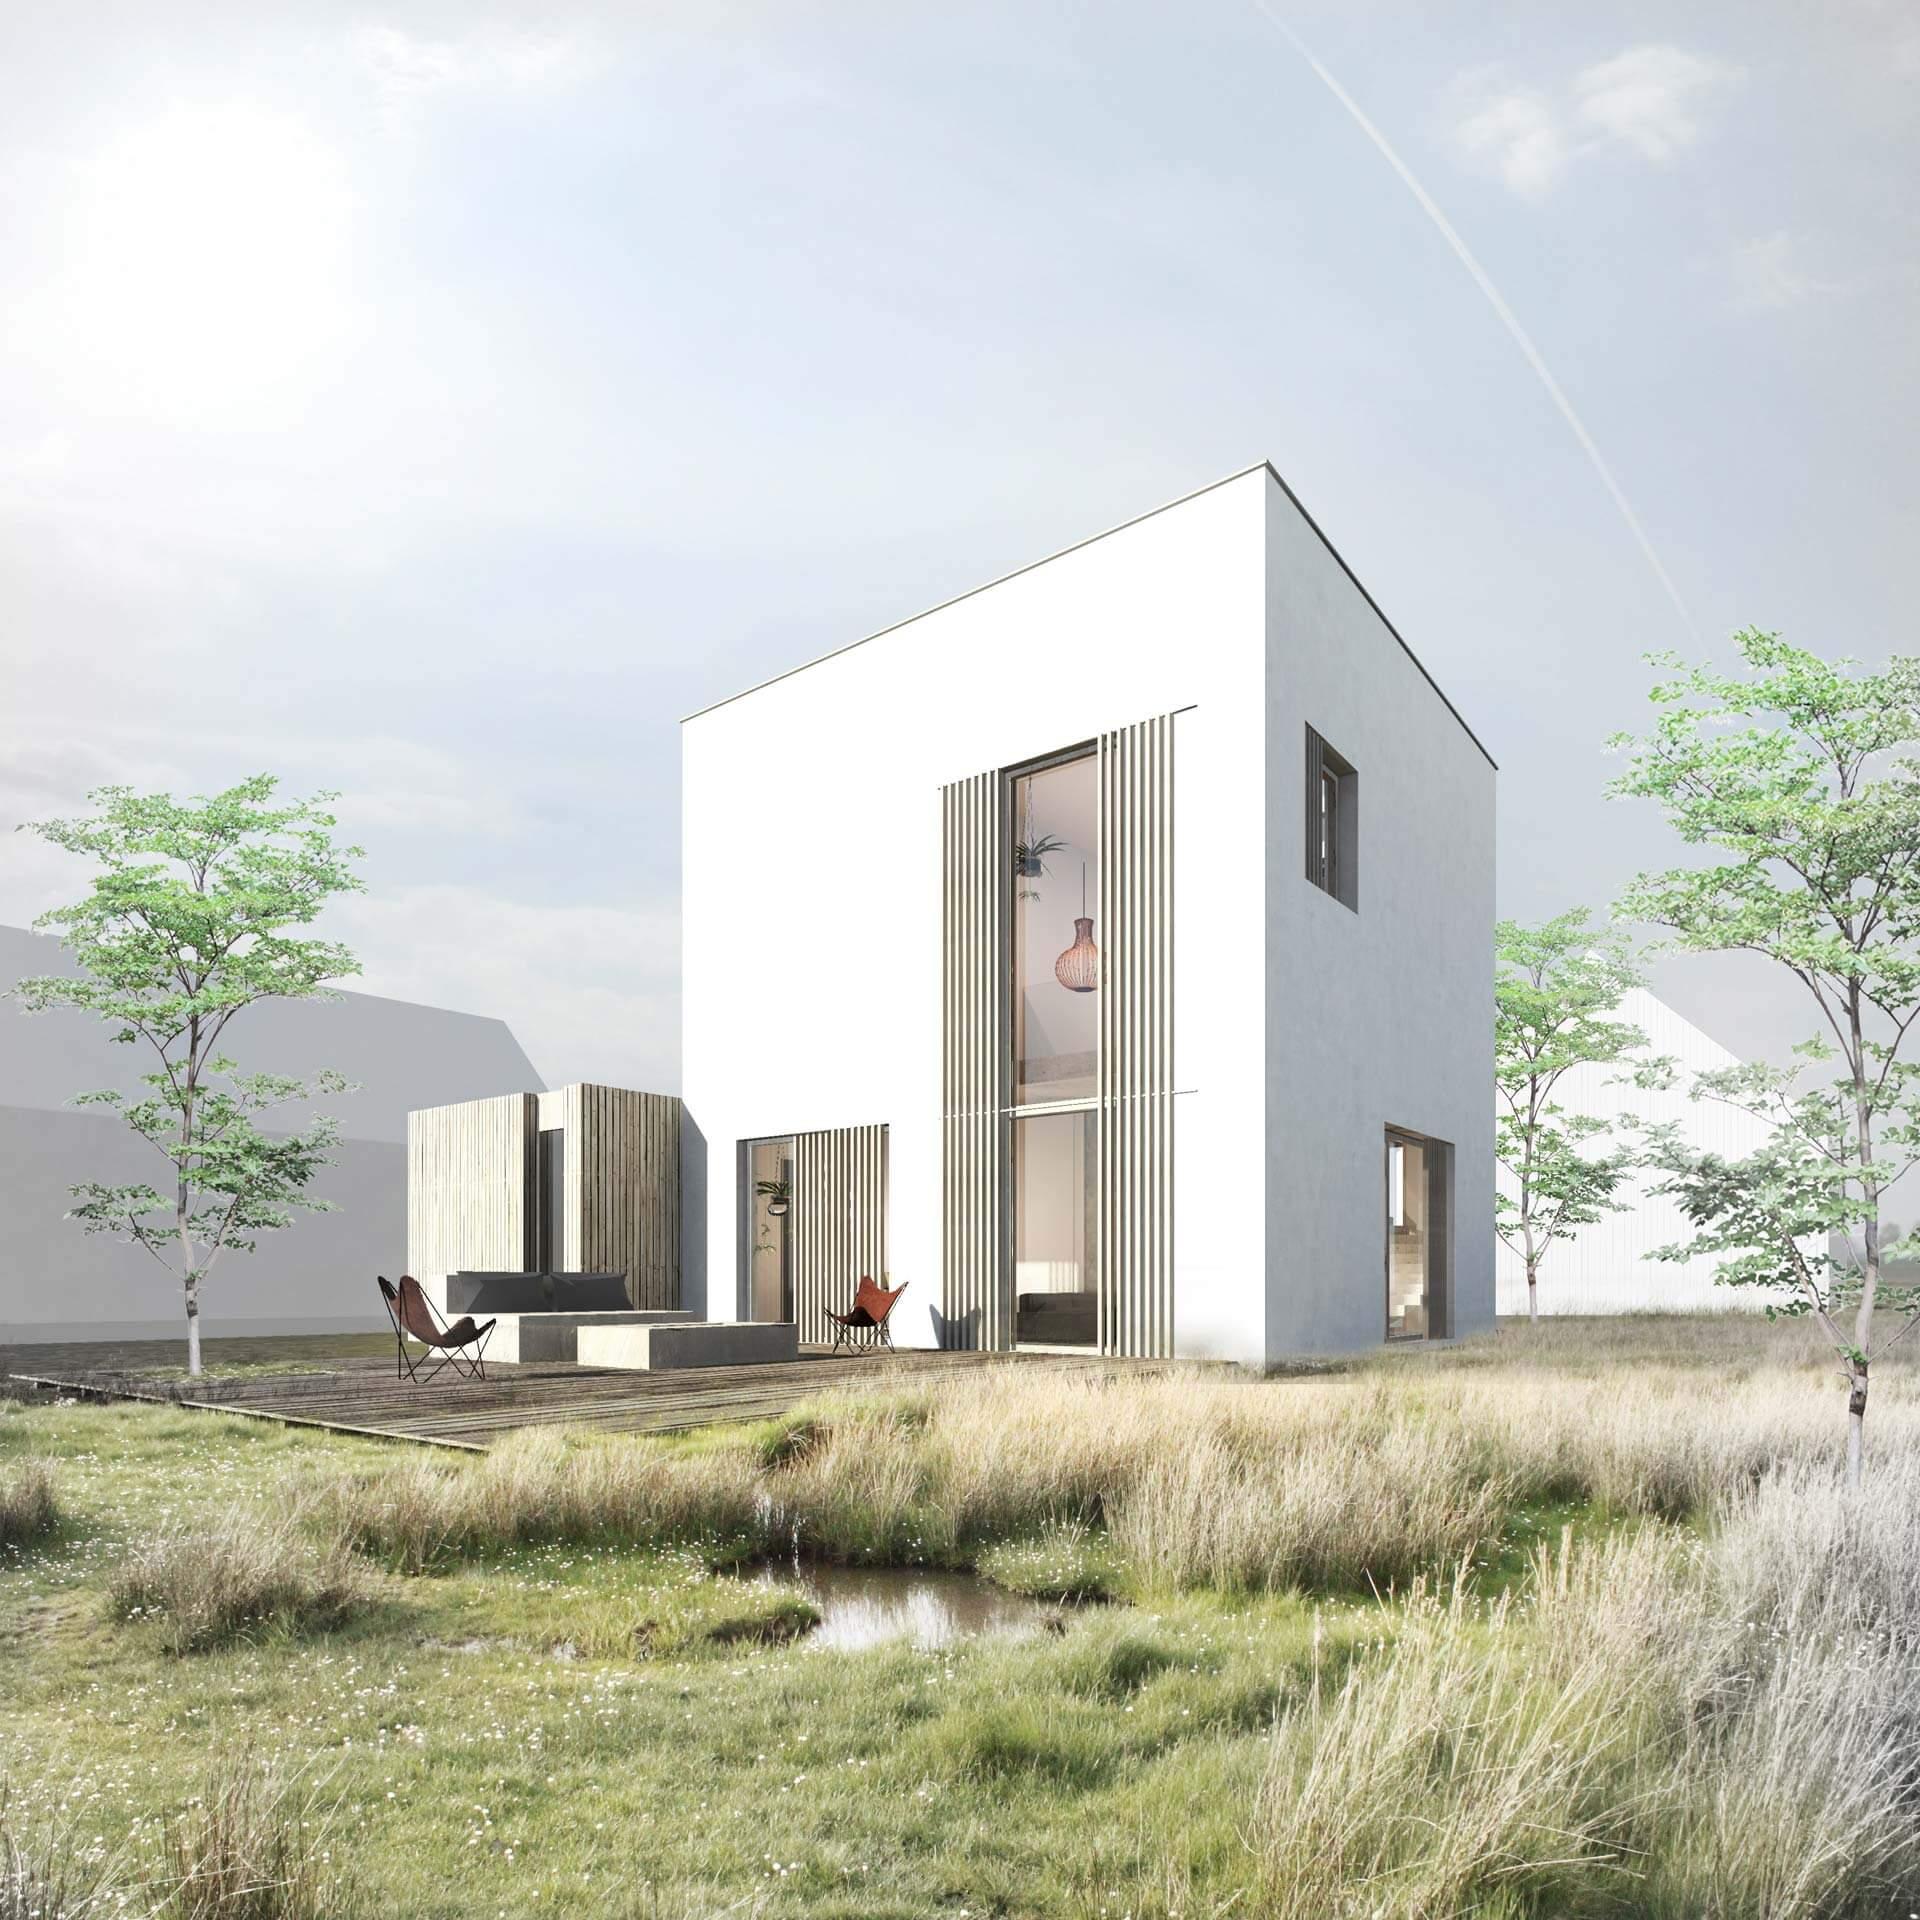 House as a Cube